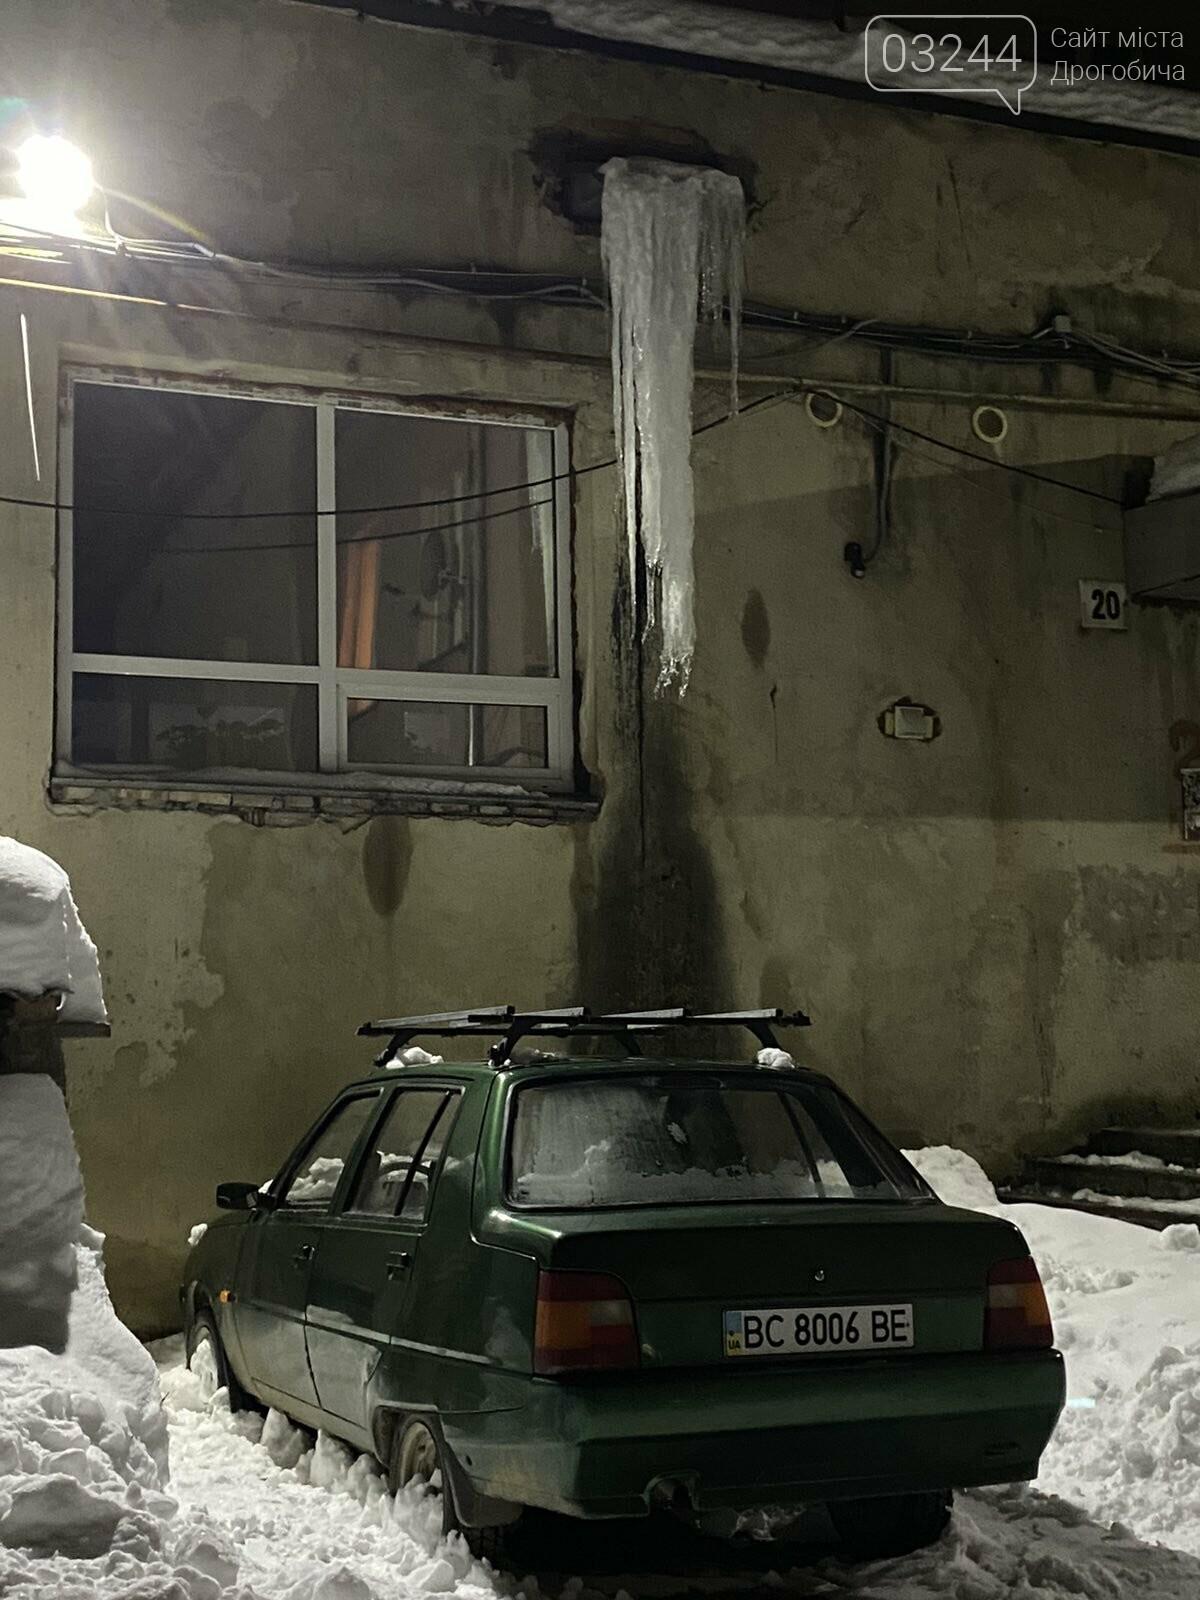 Обережно: з дахів звисають величезні бурульки, - ФОТО, фото-1